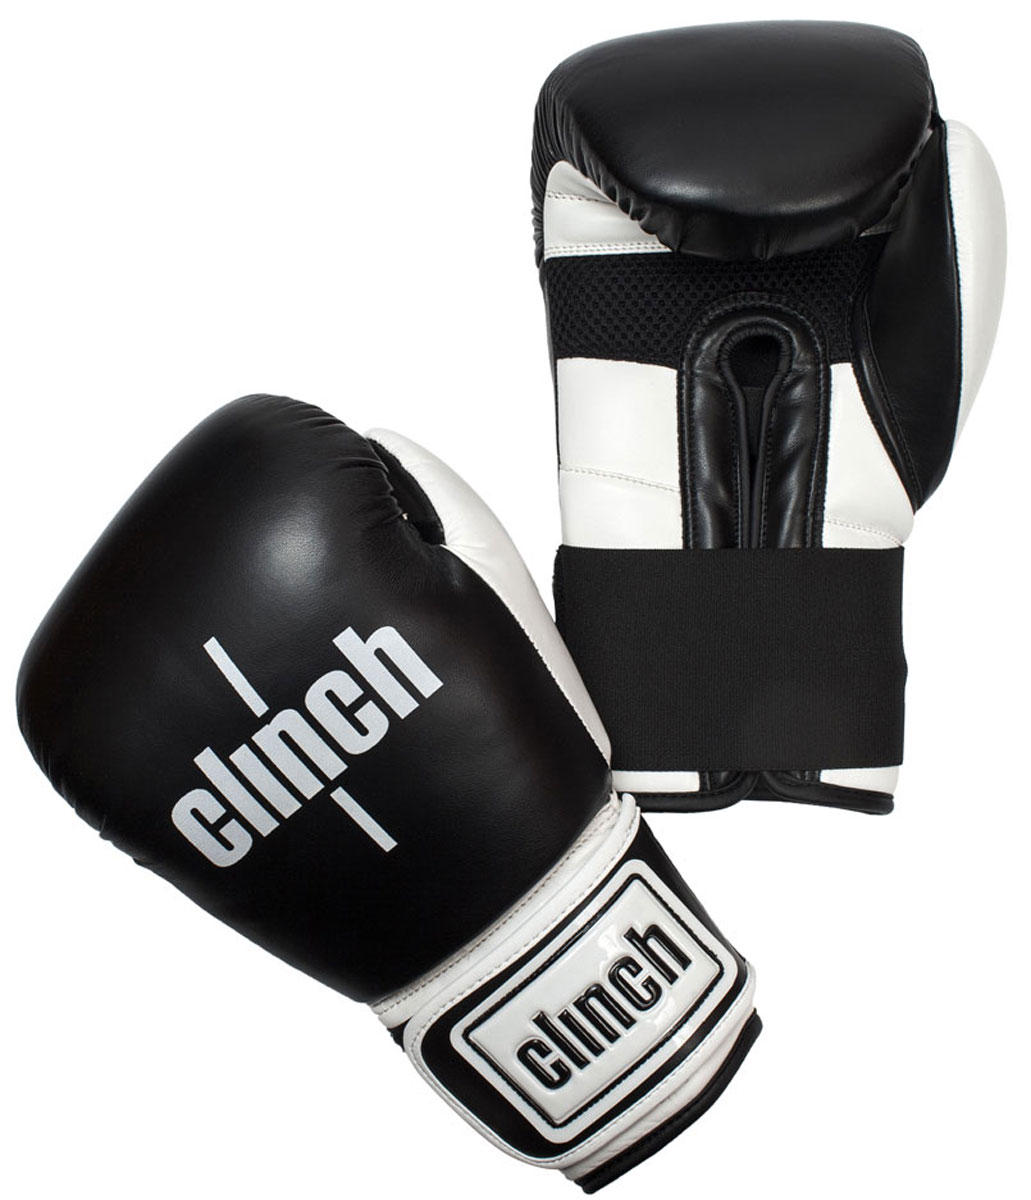 Перчатки боксерские Clinch Punch, цвет: черно-белый, 14 унций. C131AIRWHEEL M3-162.8Боксерские перчатки Punch. Изготовлены из высококачественного, прочного эластичного полиуретана. Многослойный пенный наполнитель обеспечивает улучшенную анатомическую посадку, комфорт и высокий уровень защиты. Широкая резинка позволяет оптимально фиксировать запястье.